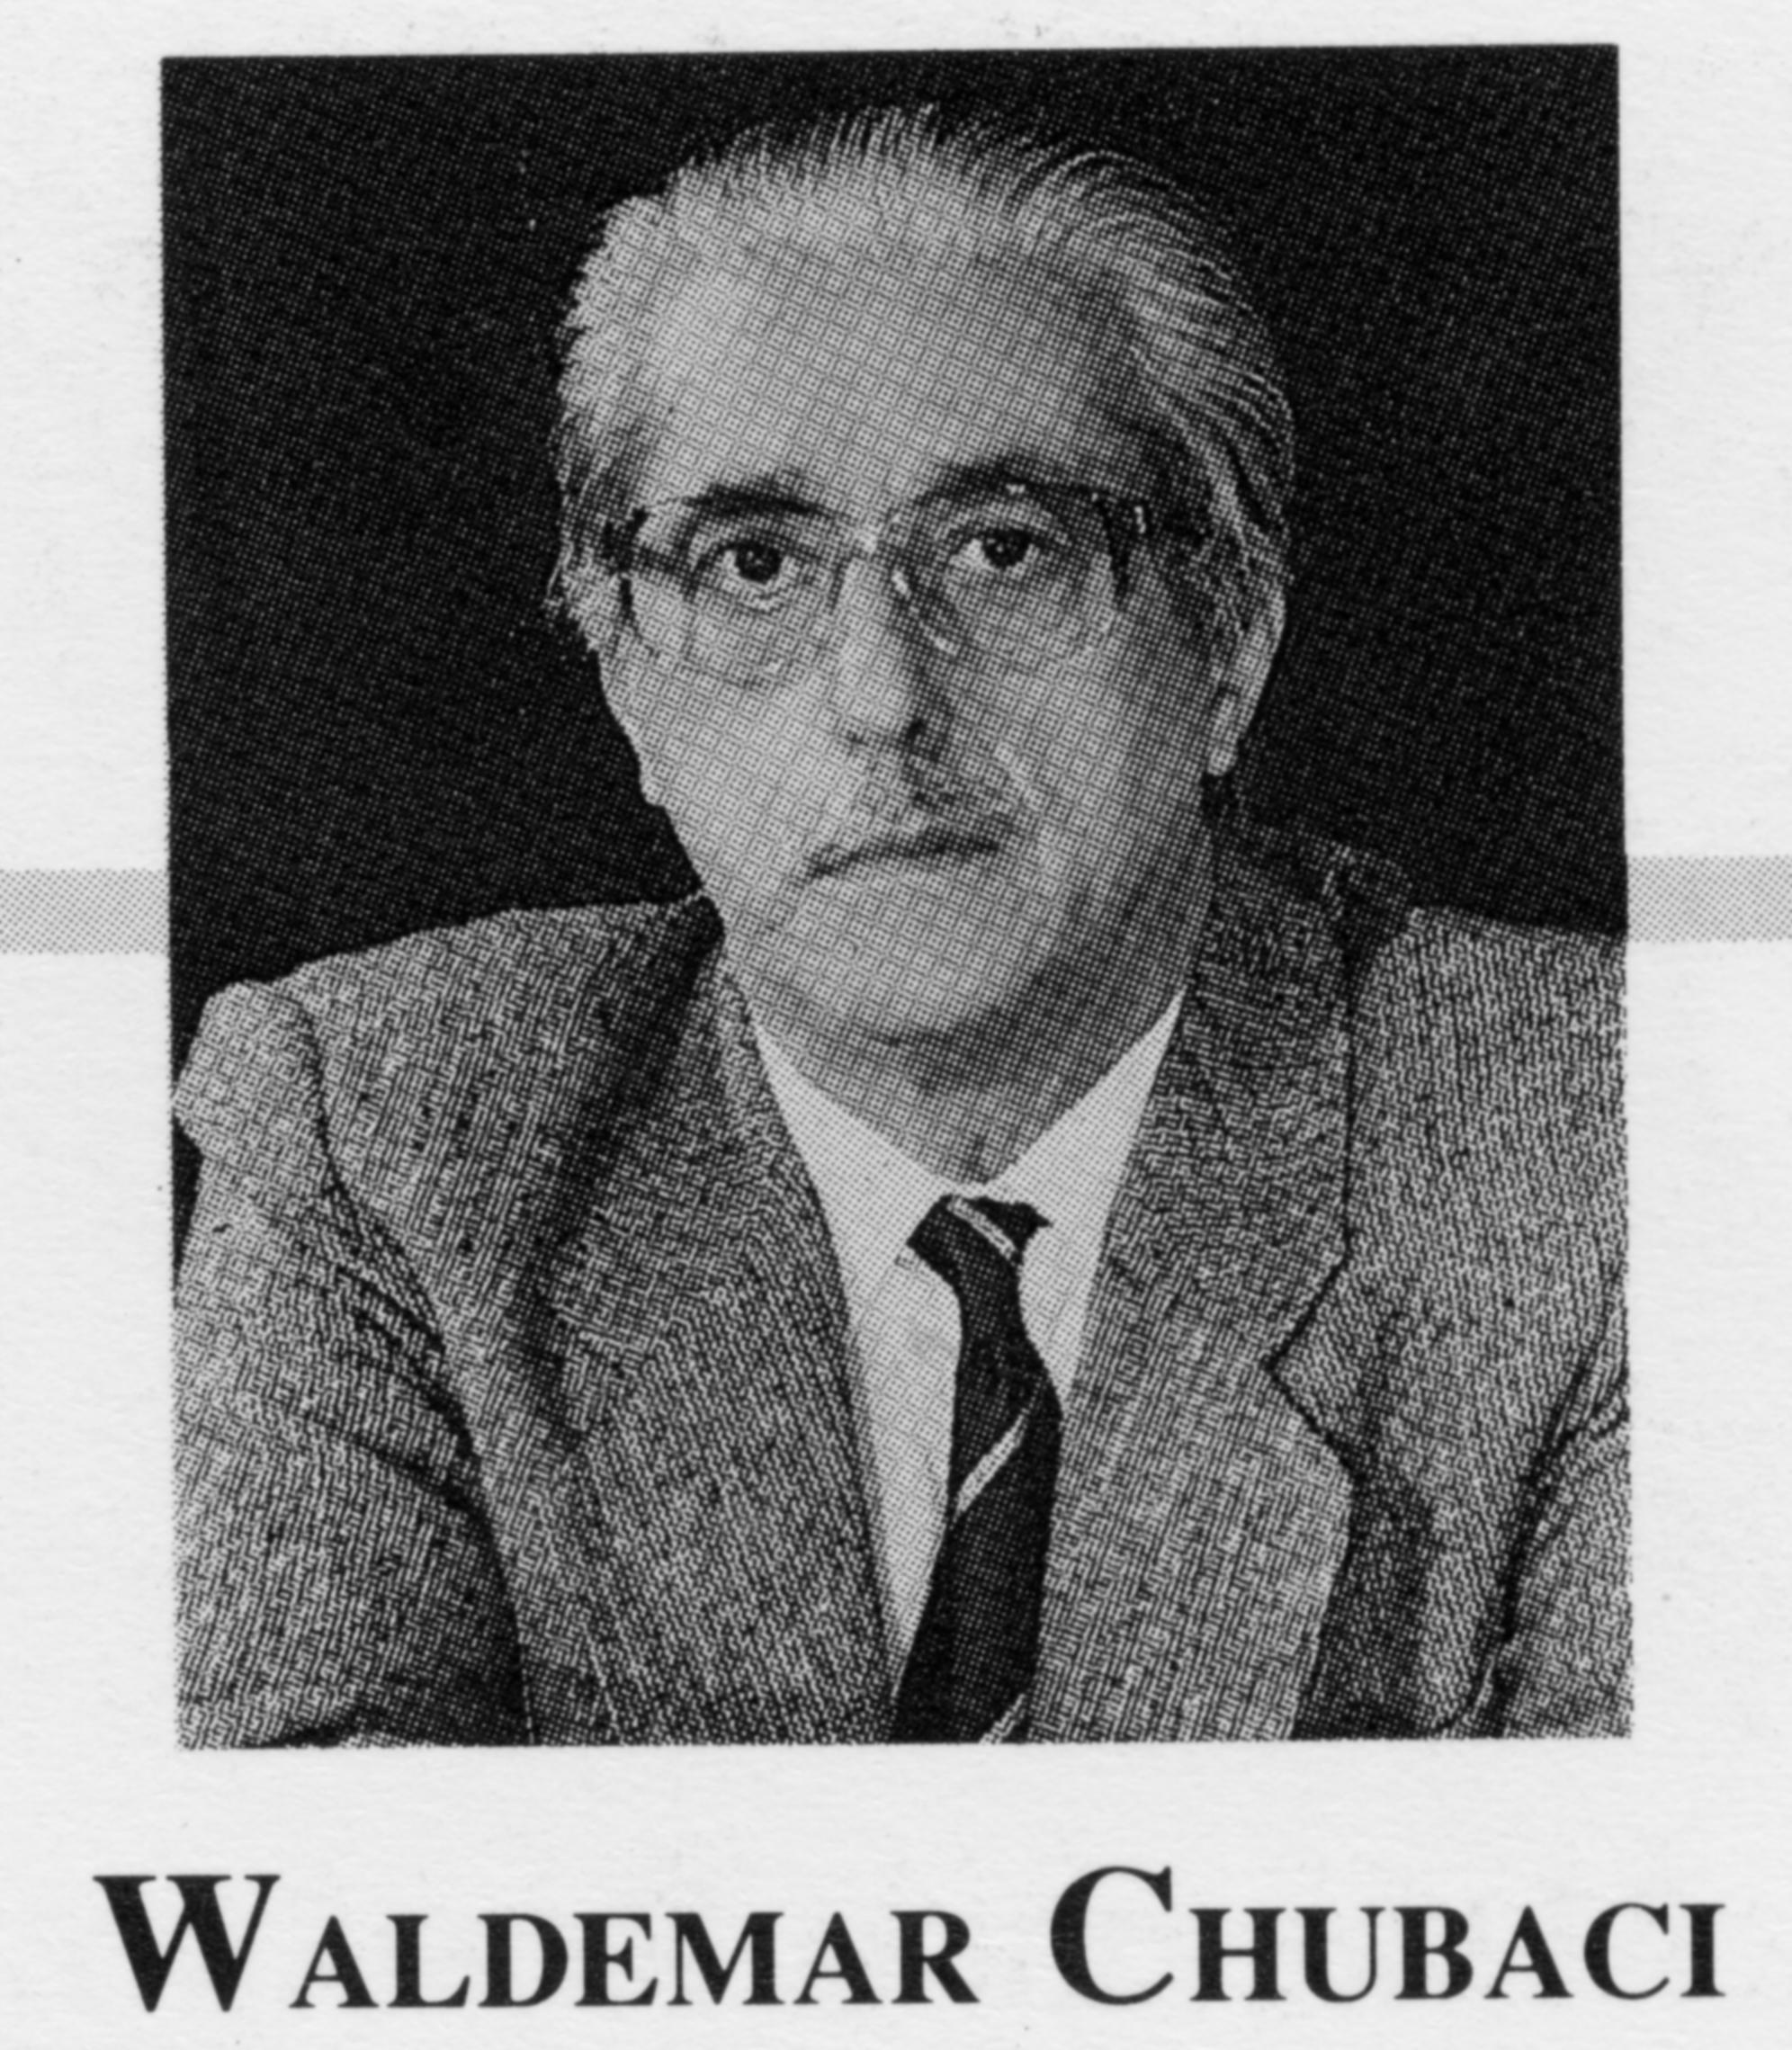 Waldemar Chubaci